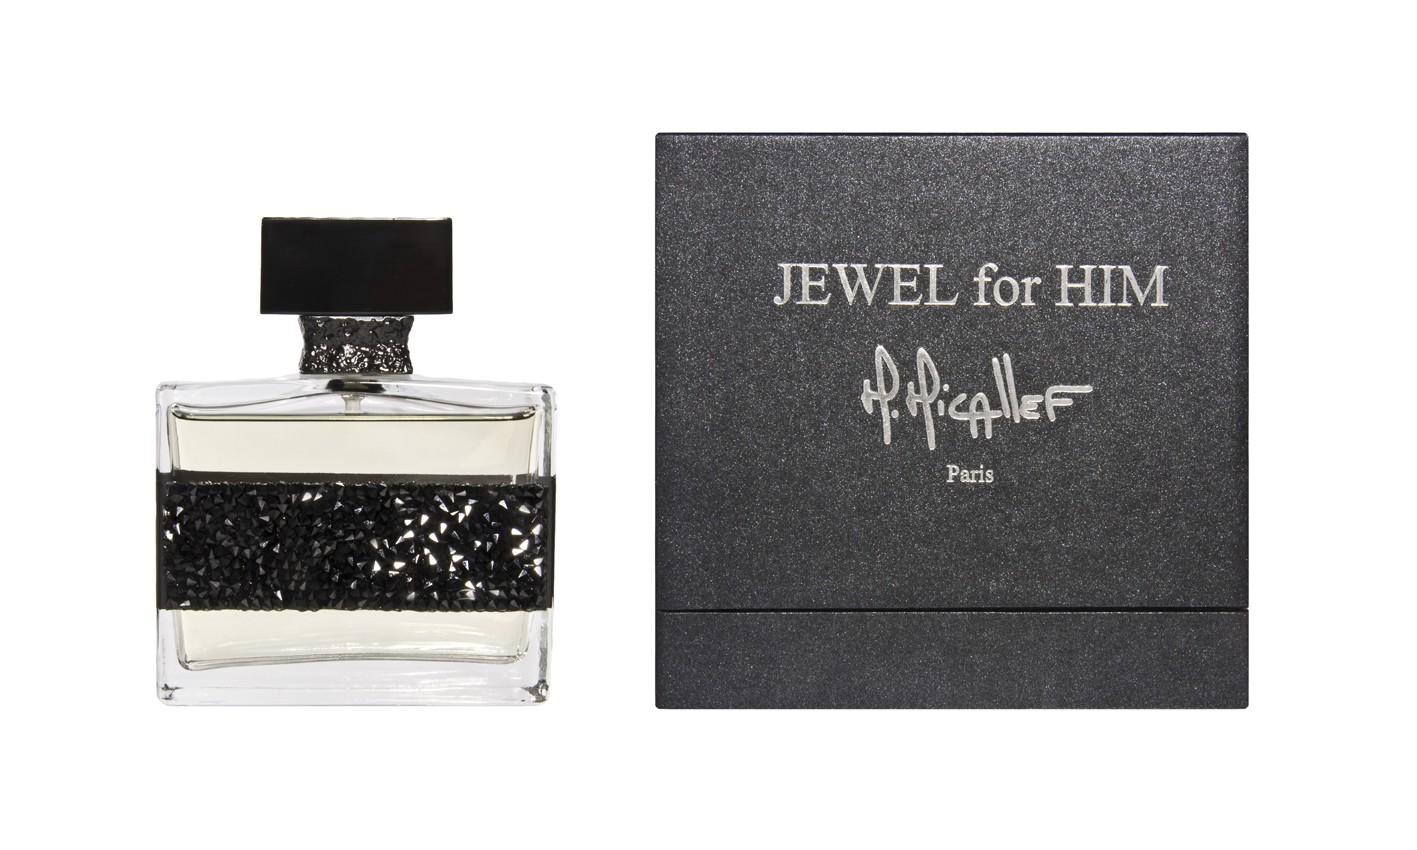 M. Micallef Jewel for Him аромат для мужчин